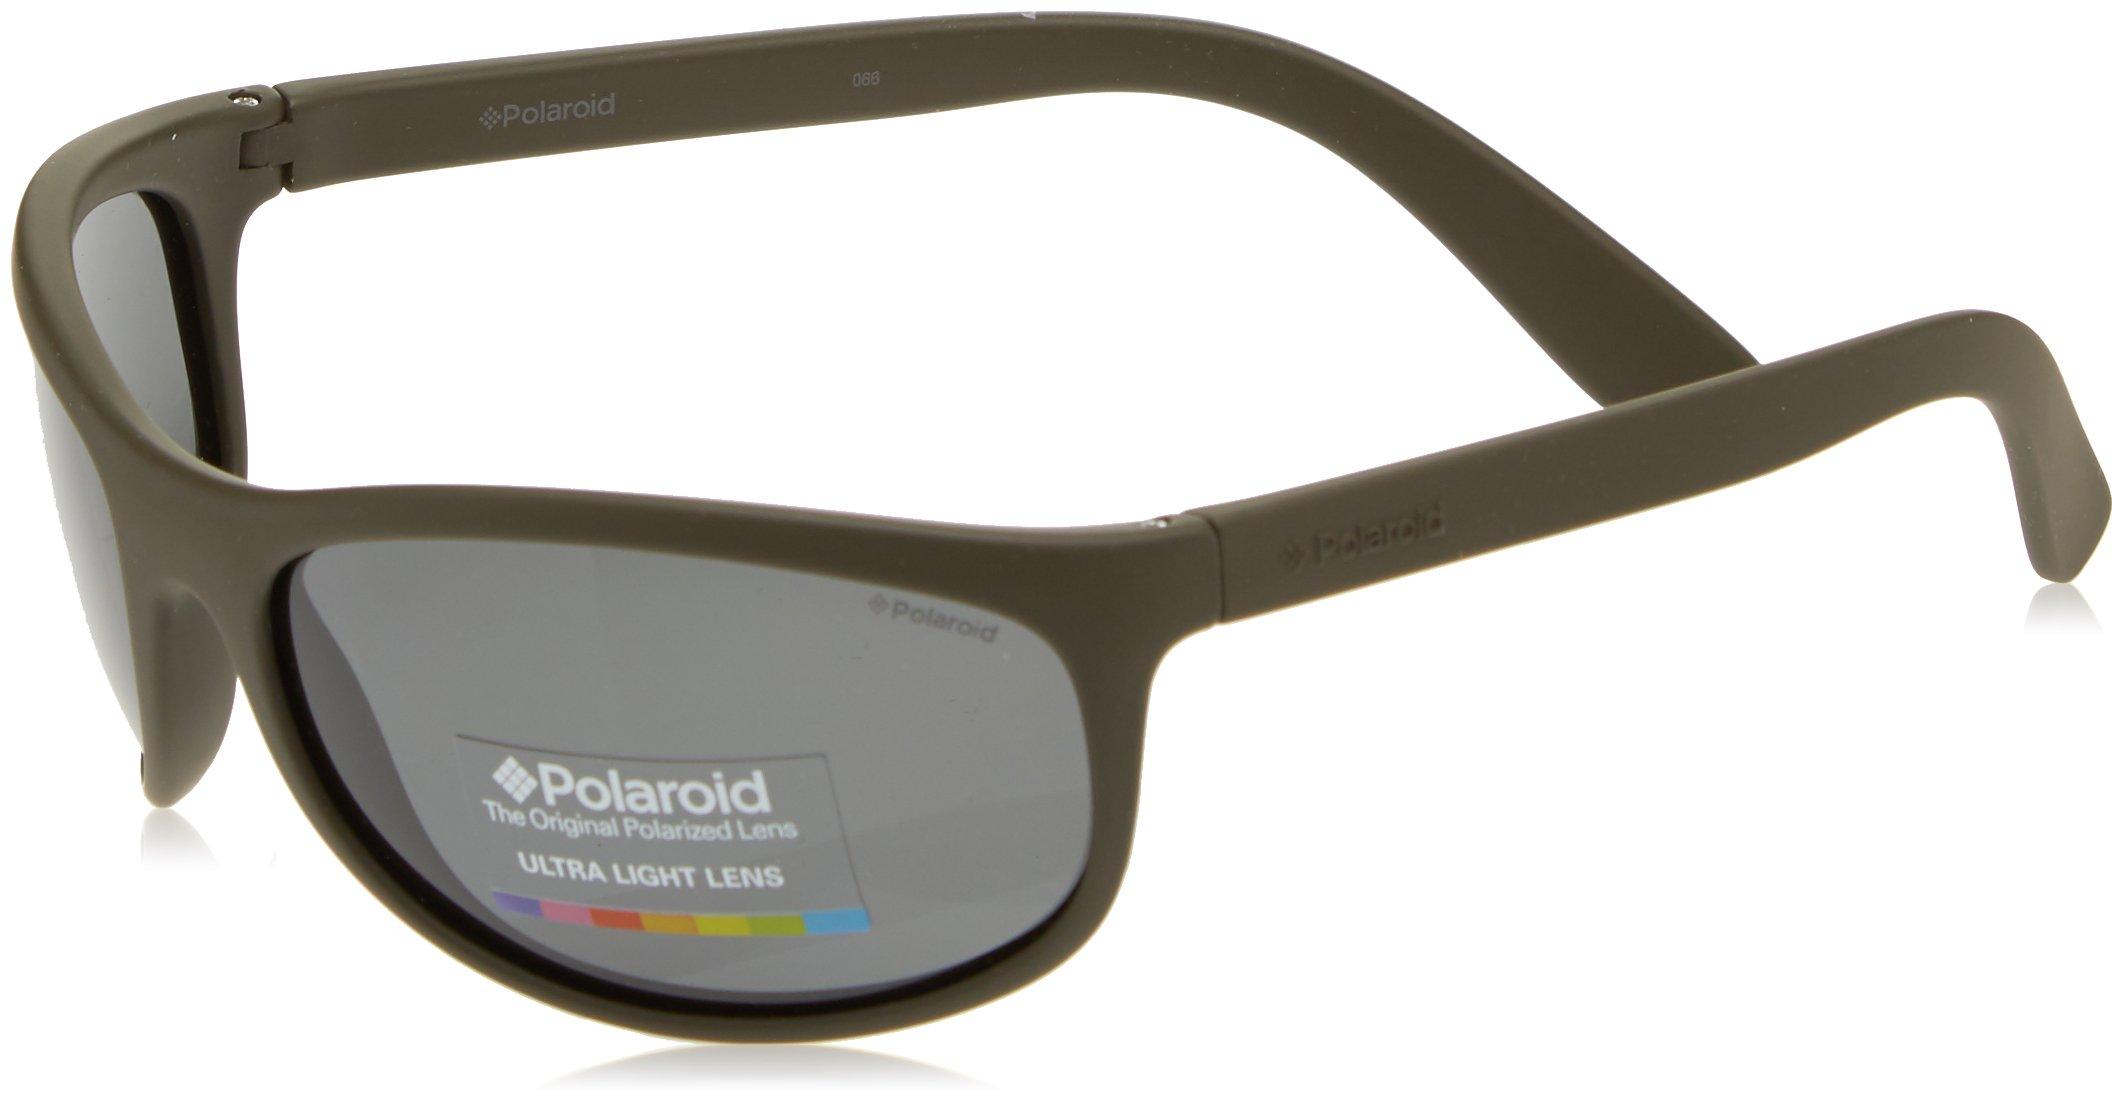 Polaroid - P7334 - Occhiali da sole Donna e Uomo Rettangolare - Polarizzati - Materiale leggero - Custodia protettiva… 1 spesavip